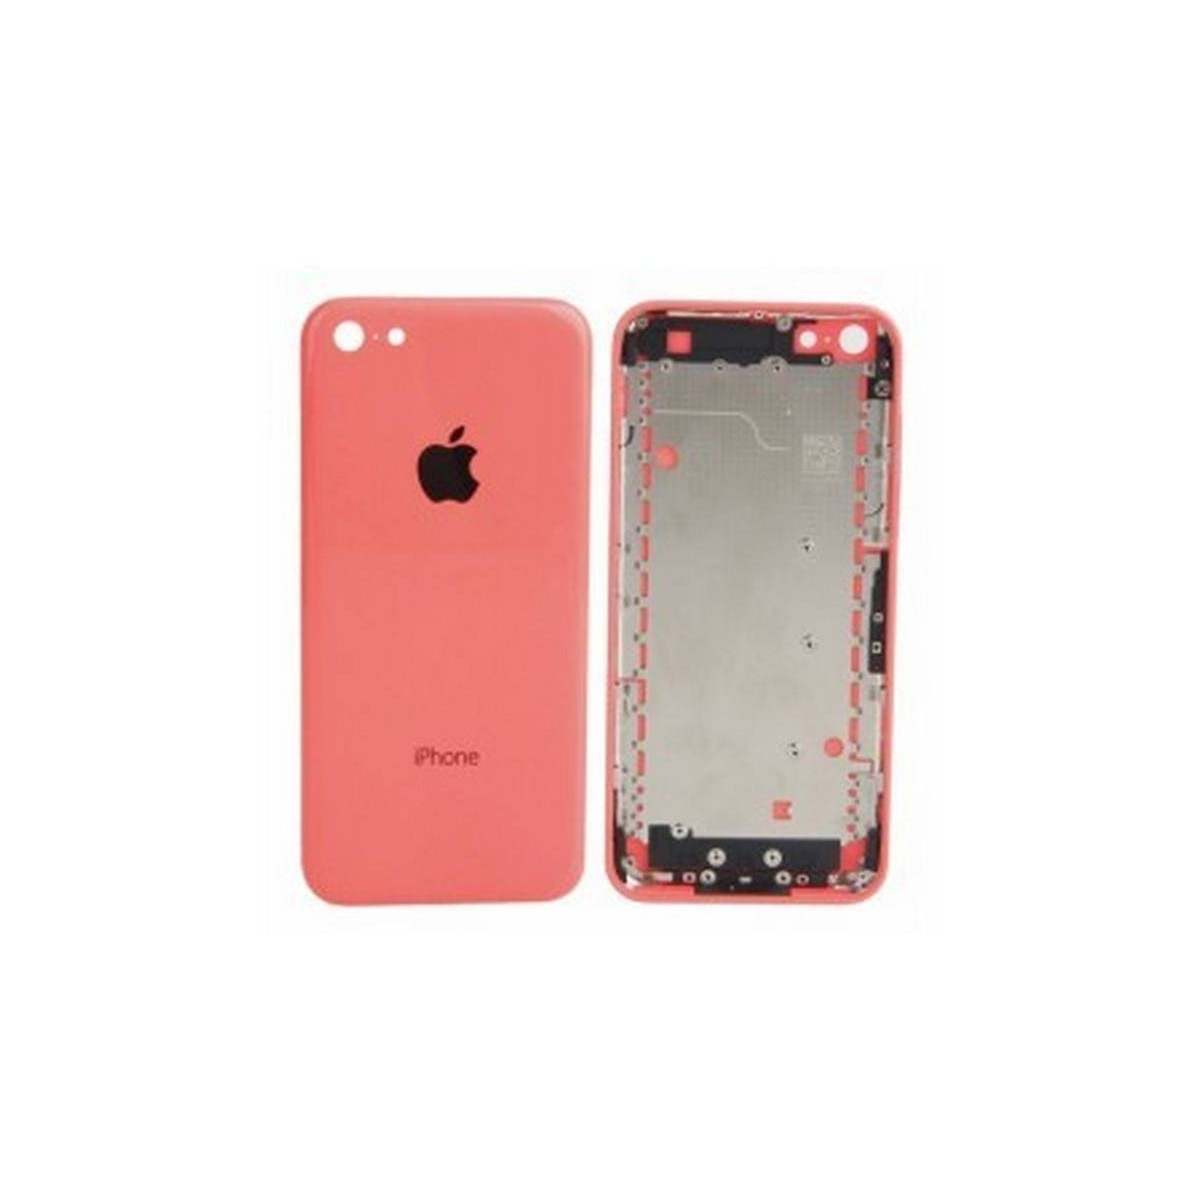 tapa carcasa trasera para iphone 5c en color rosa